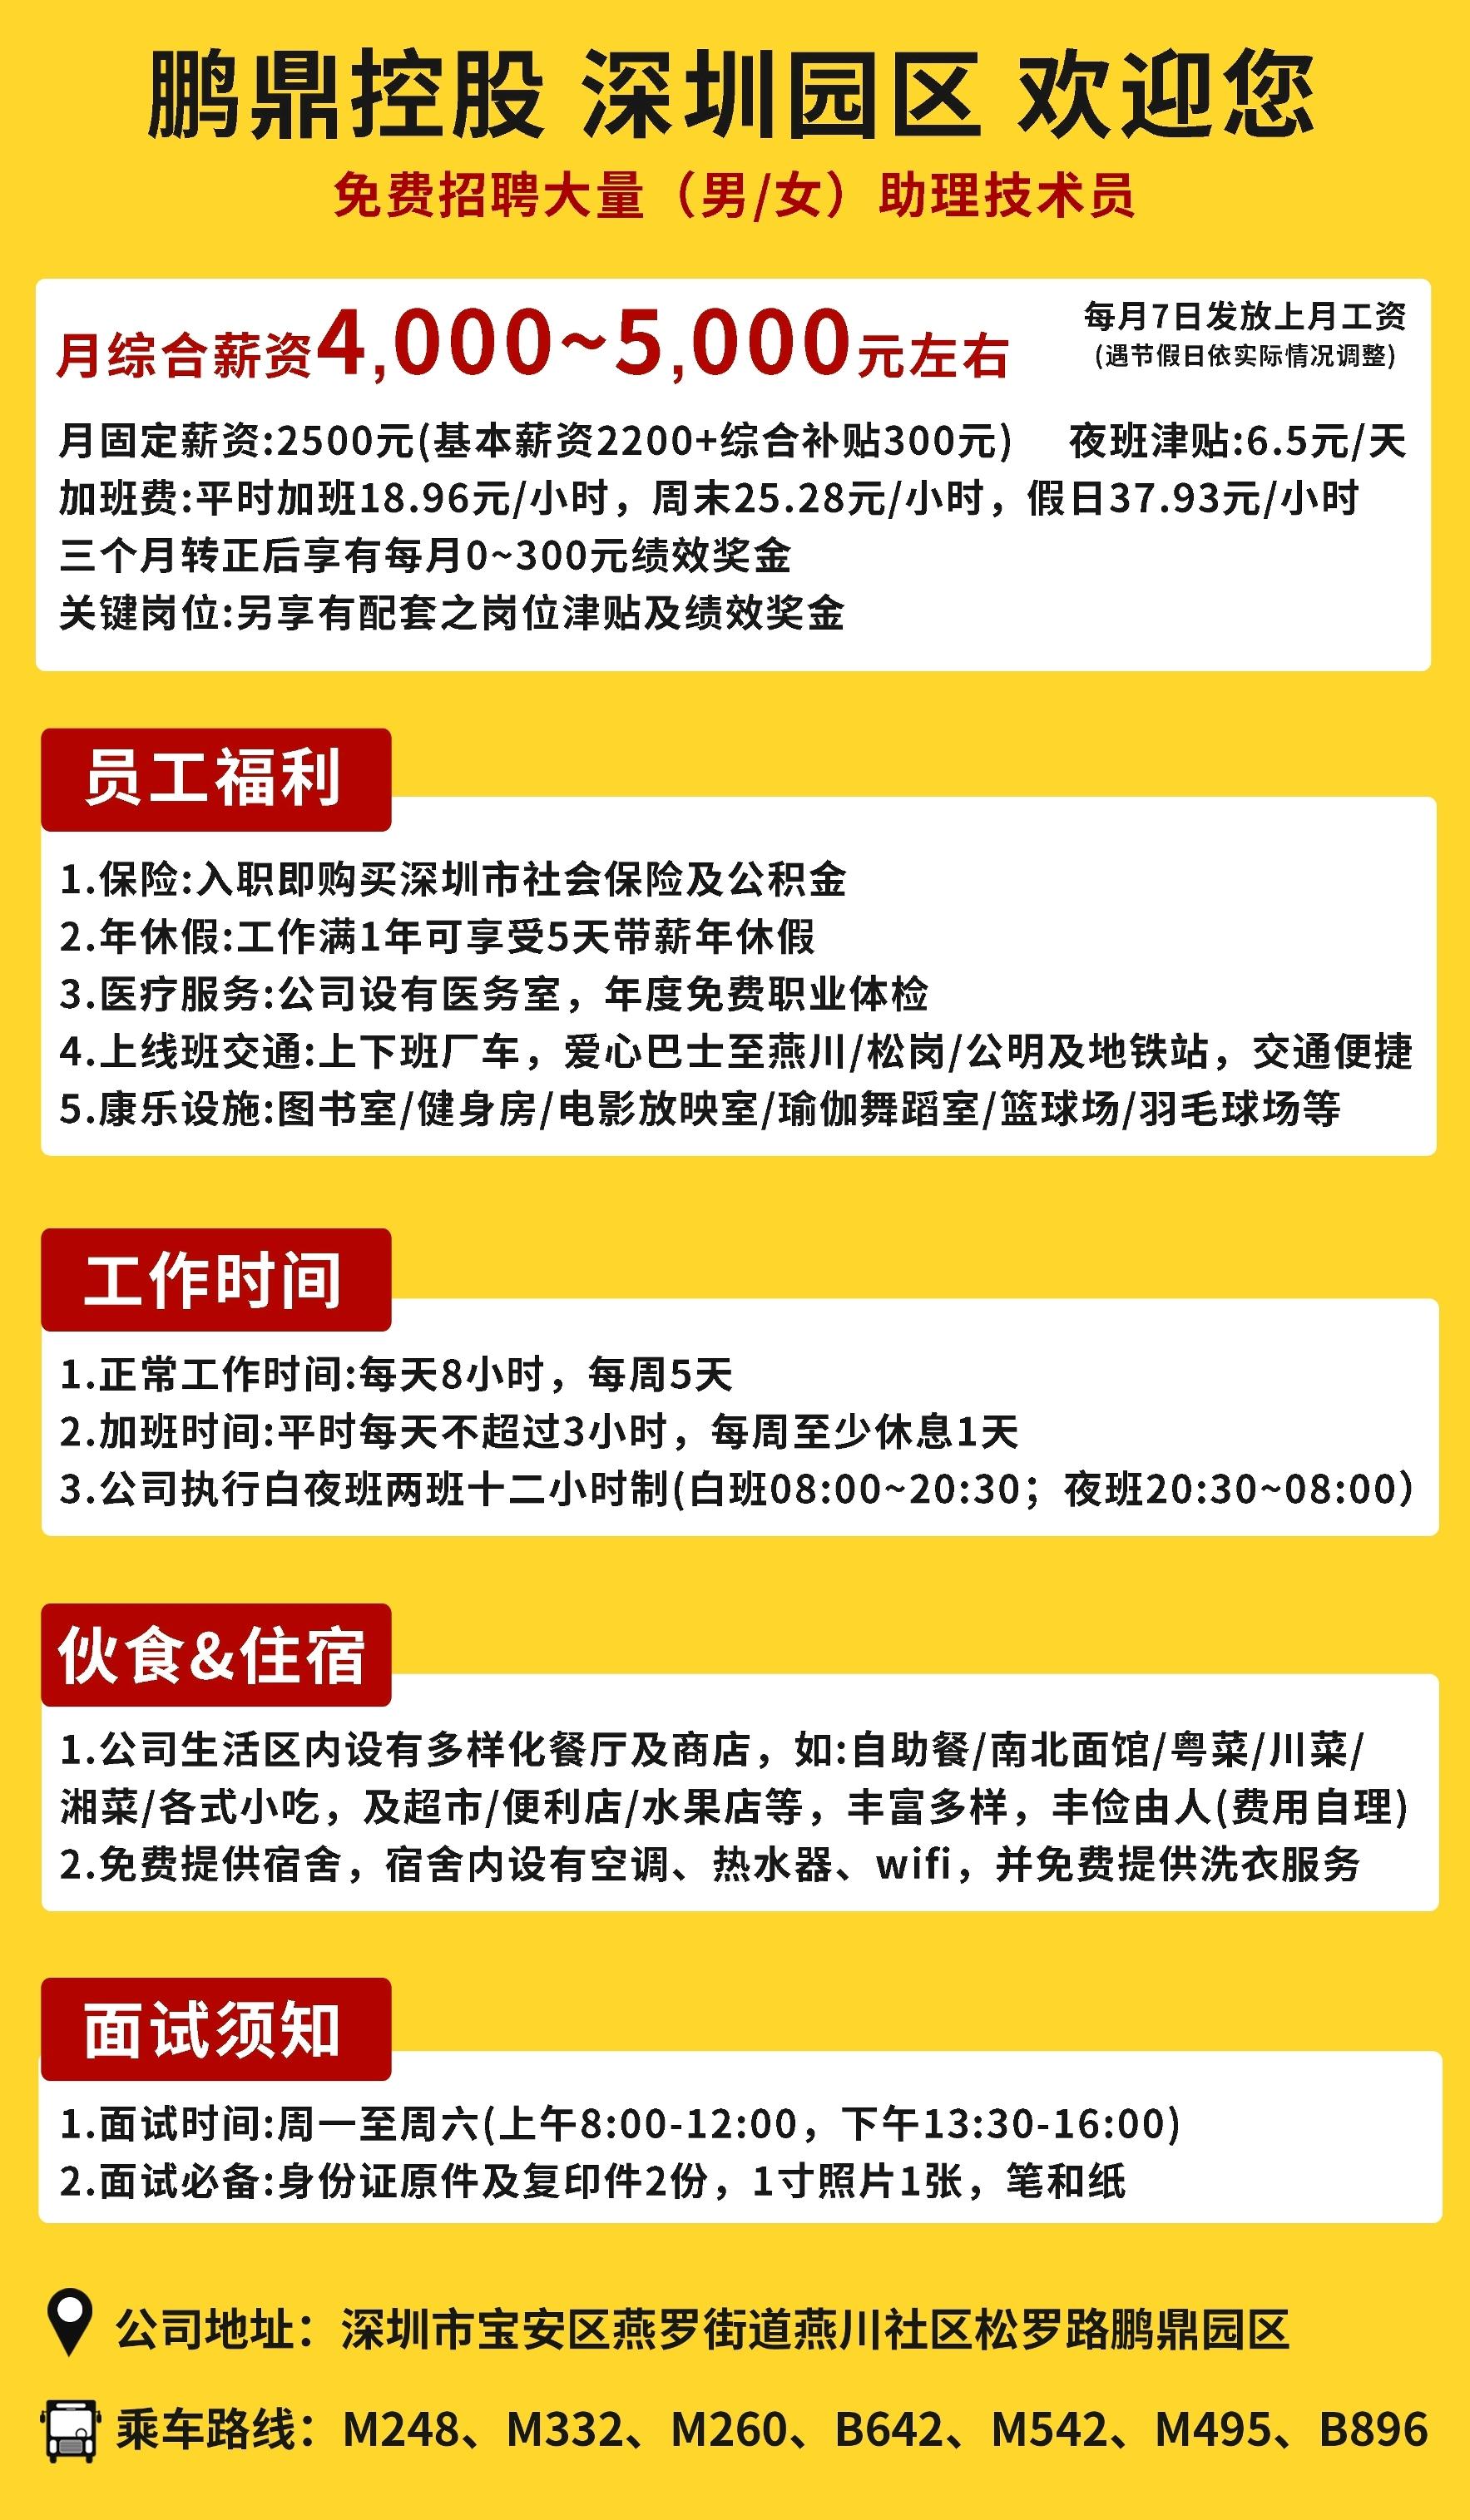 好消息,深圳鹏鼎招工三重礼!-FOXZM